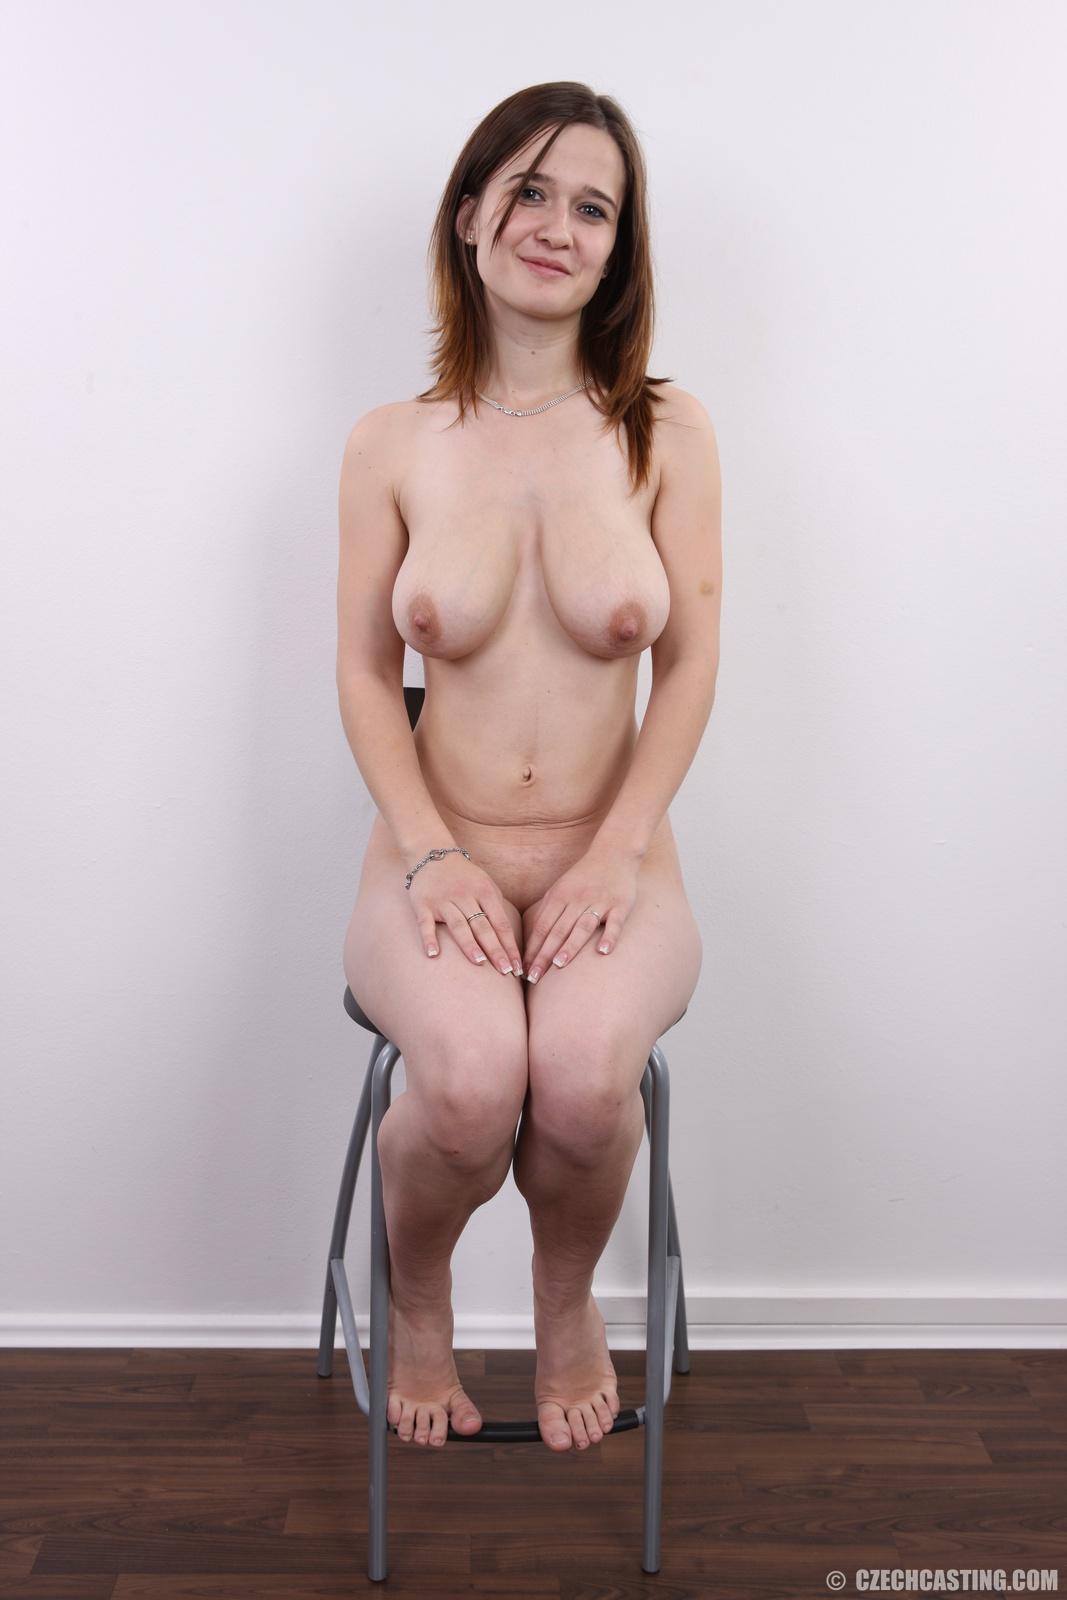 sexy amaterky czech casting tereza